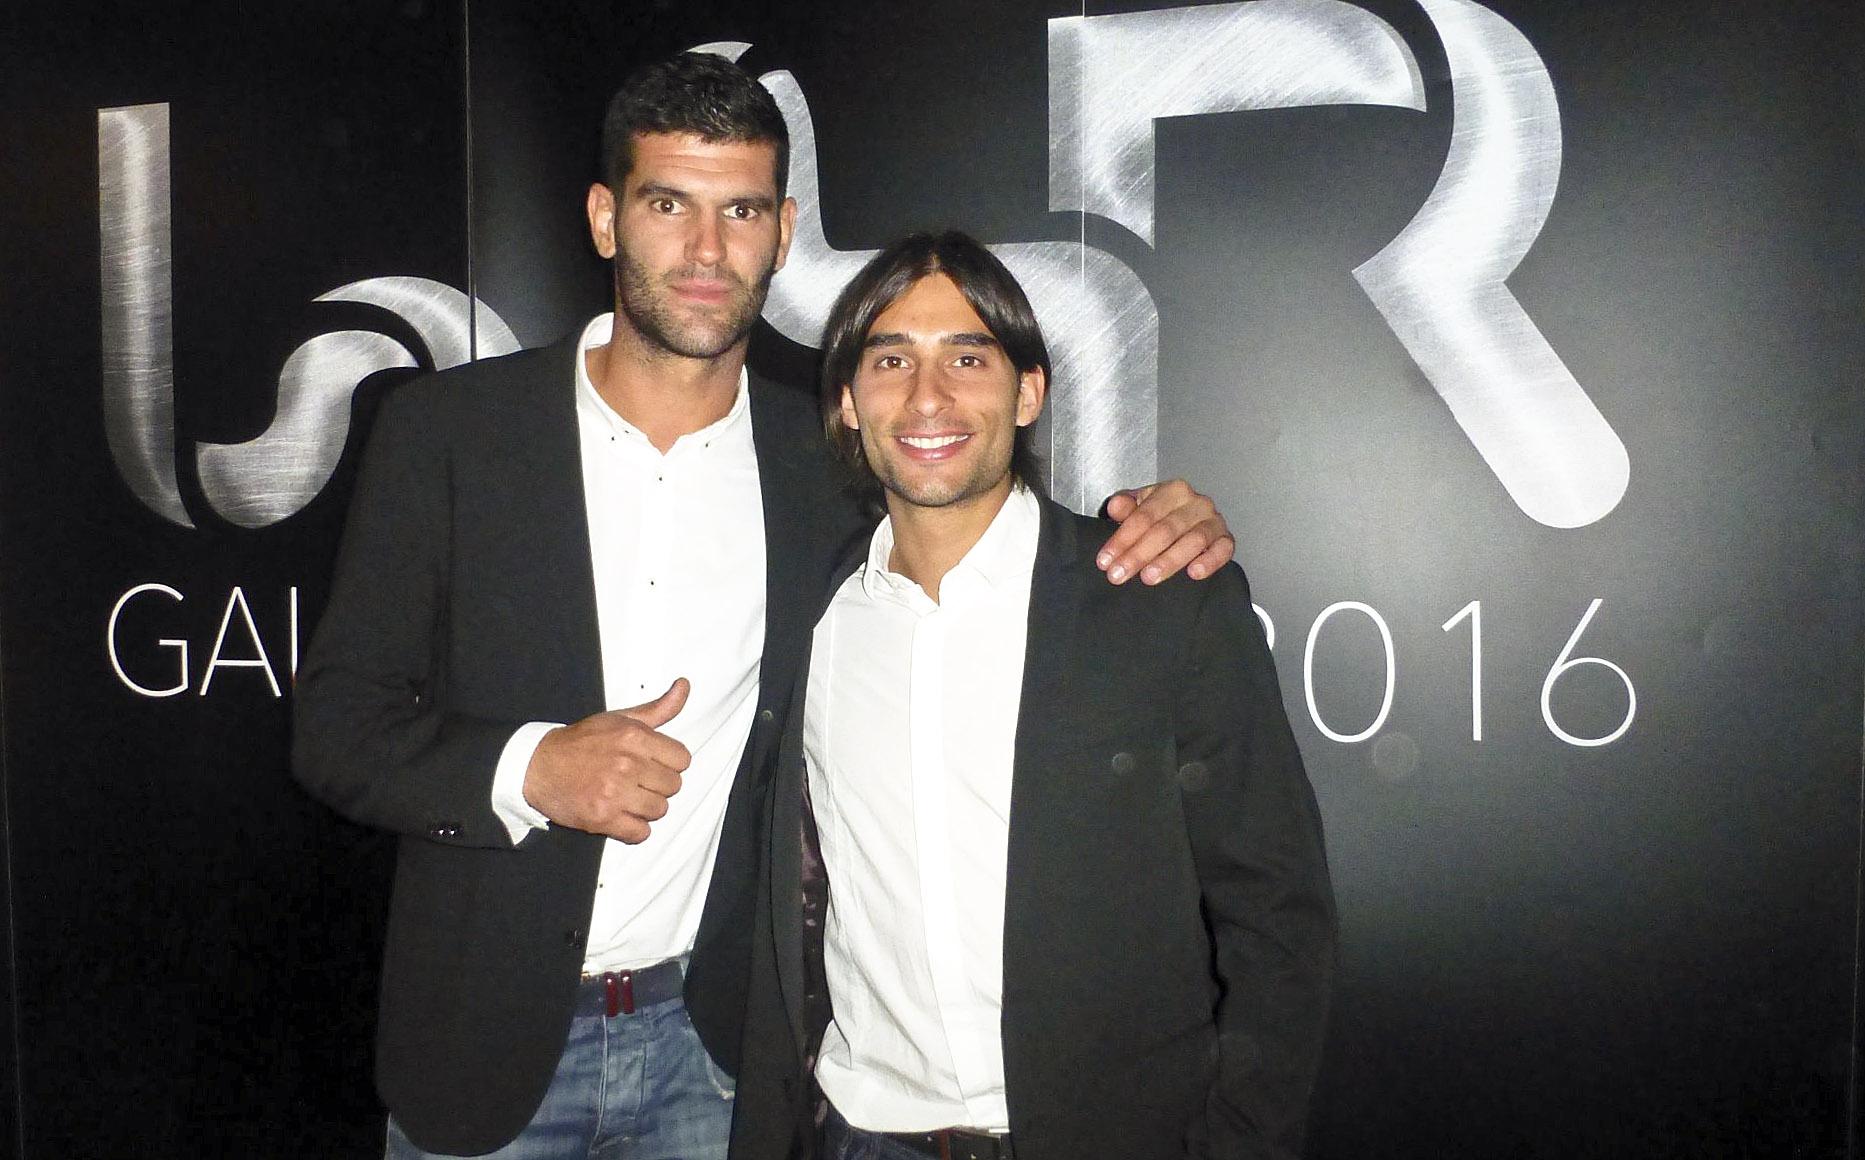 Carbonés, a l'esquerra, amb el seu company al CEEC Cardedeu Marià Clavell, designat segon millor jugador del món